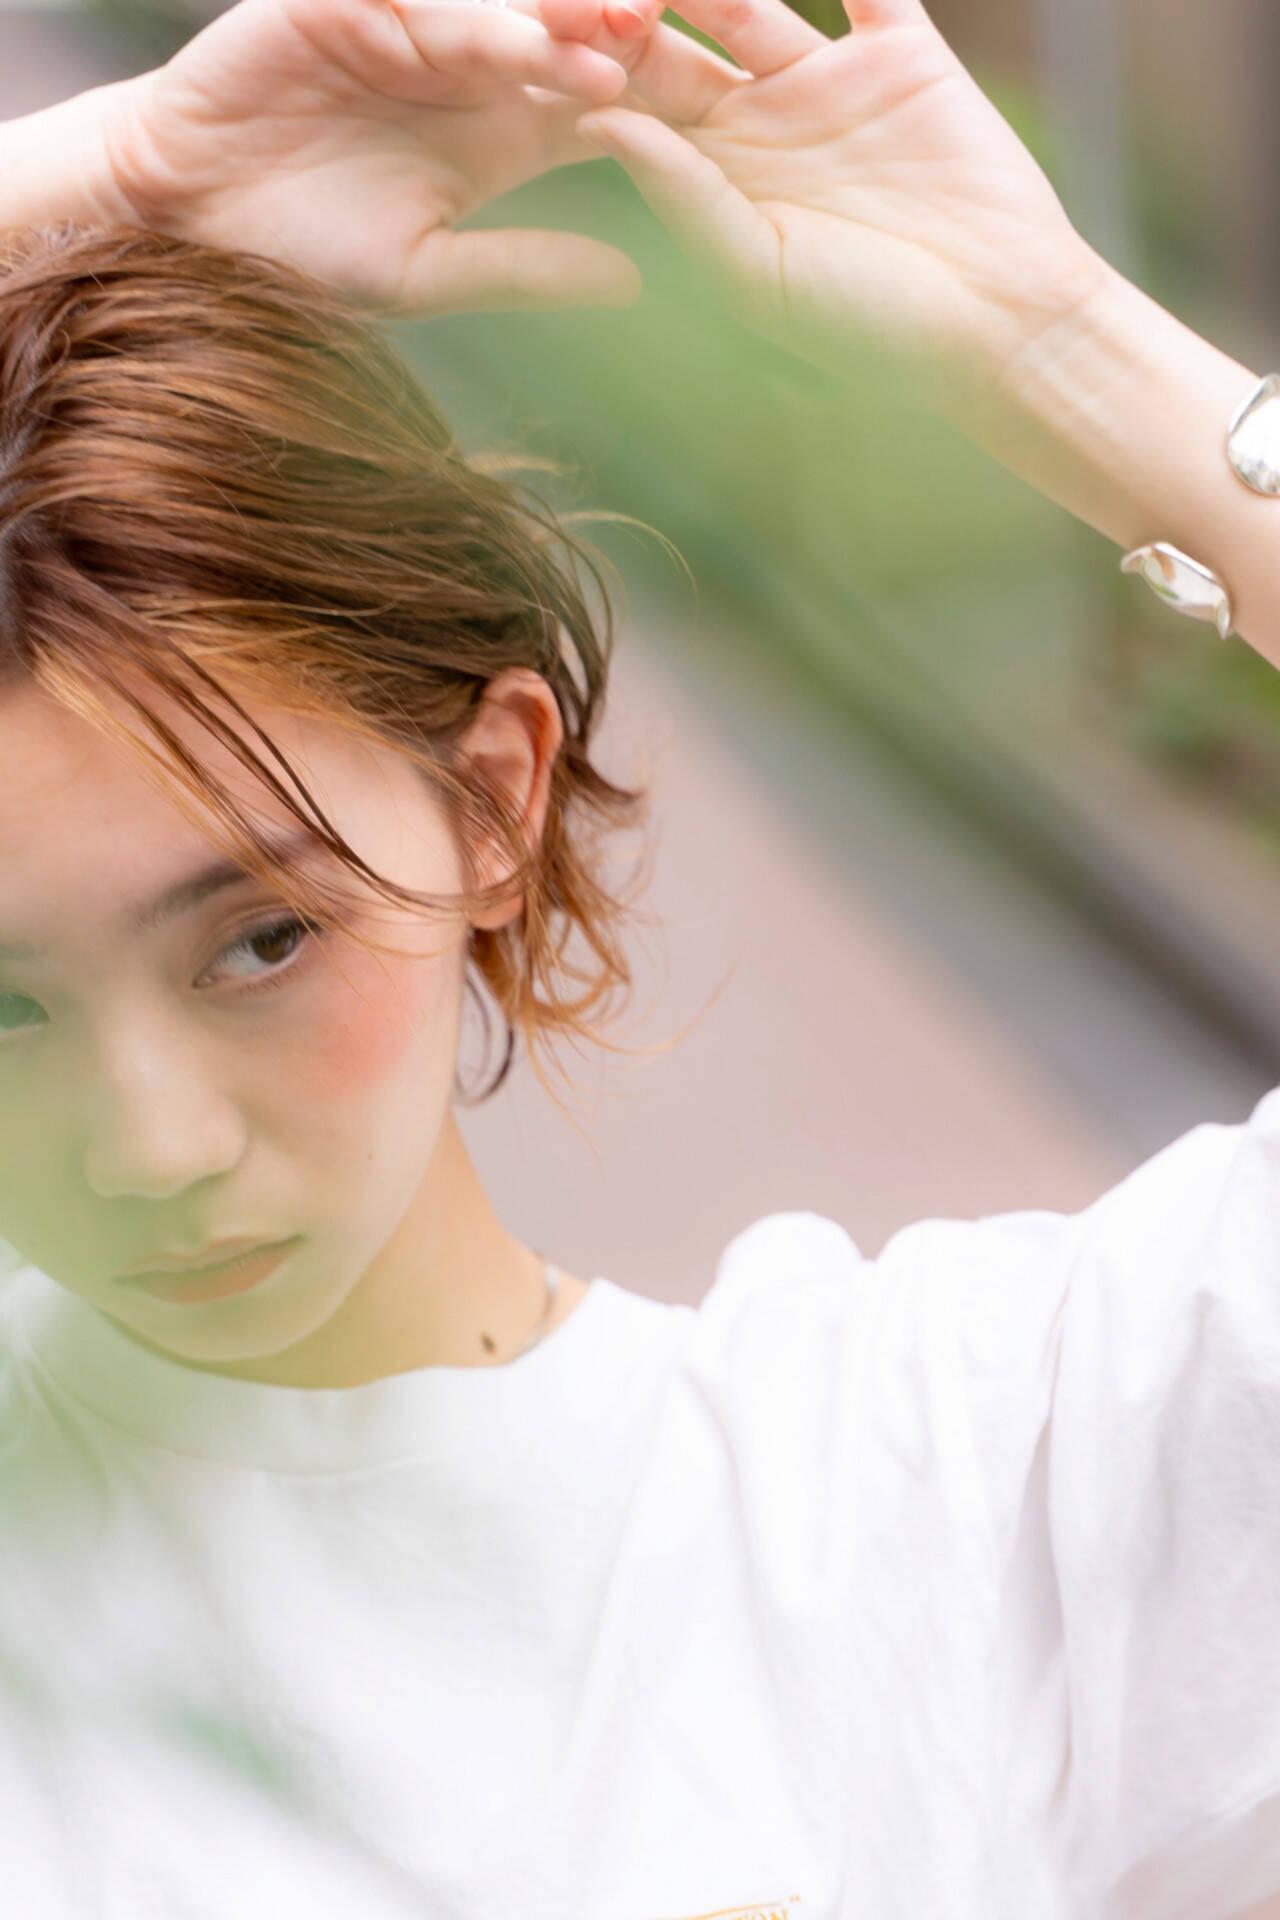 インナーカラー ショートヘア ショートボブ ショートレイヤーヘアスタイルや髪型の写真・画像